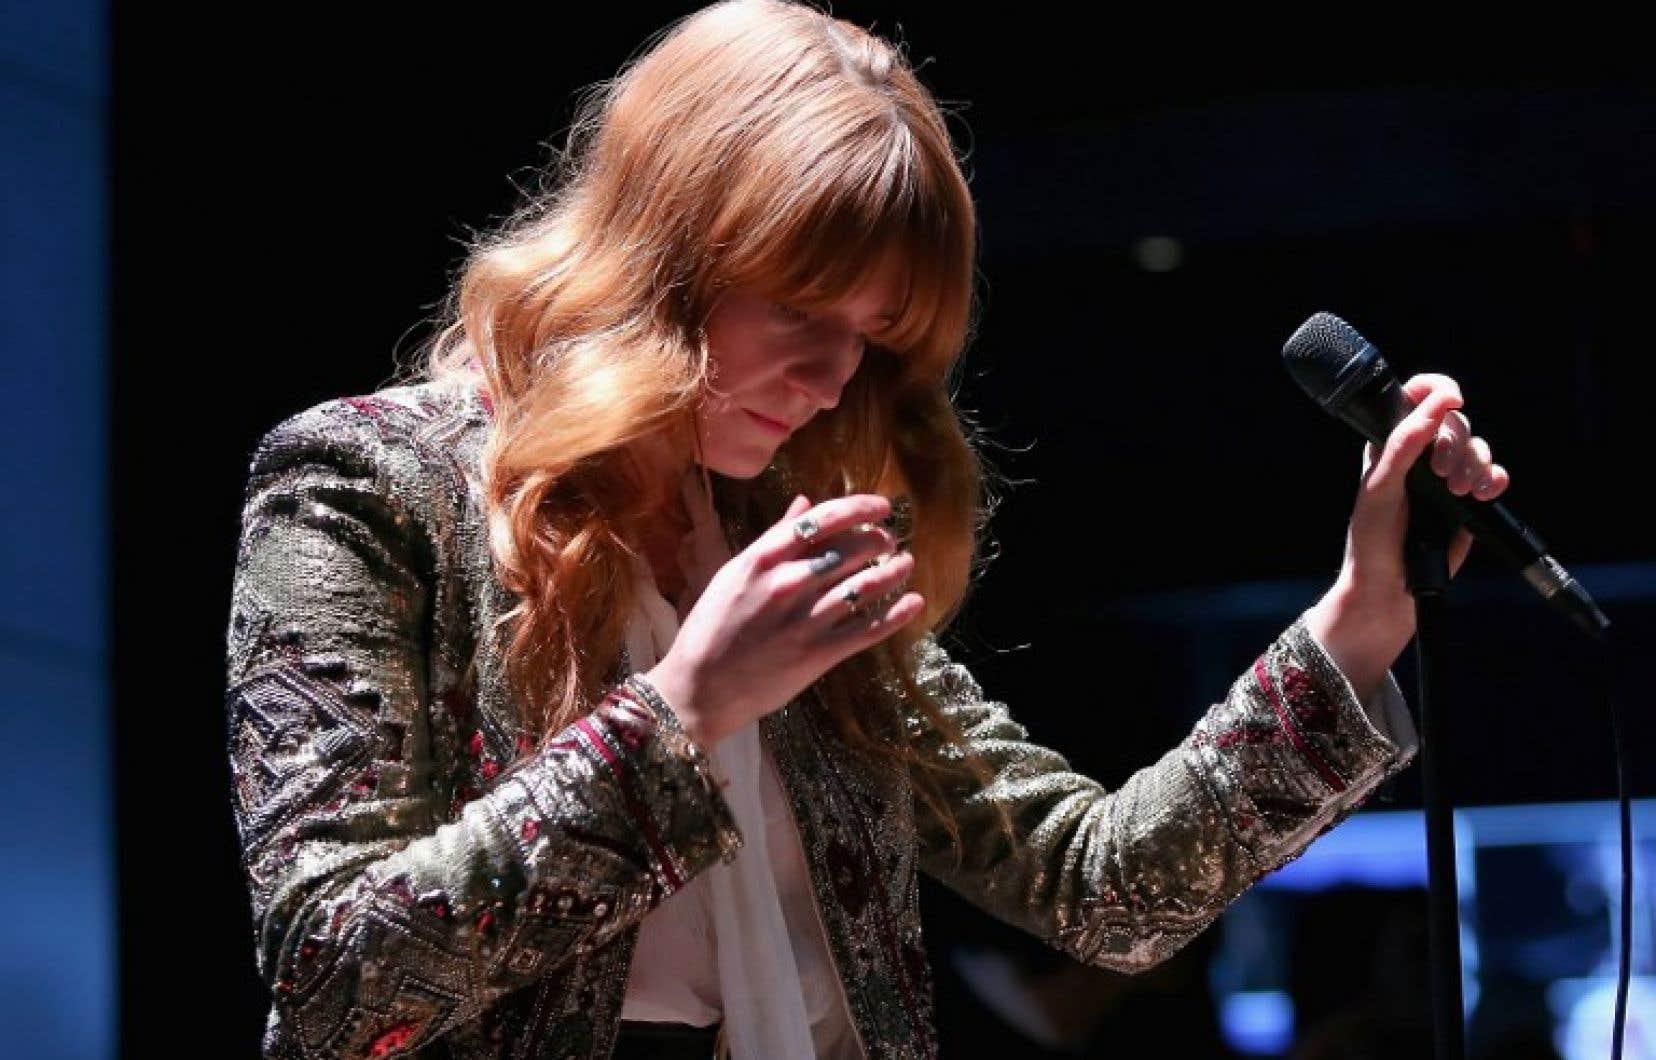 Le groupe Florence + The Machinesera l'une des têtes d'affiche de la 13ème édition du festival Osheaga.